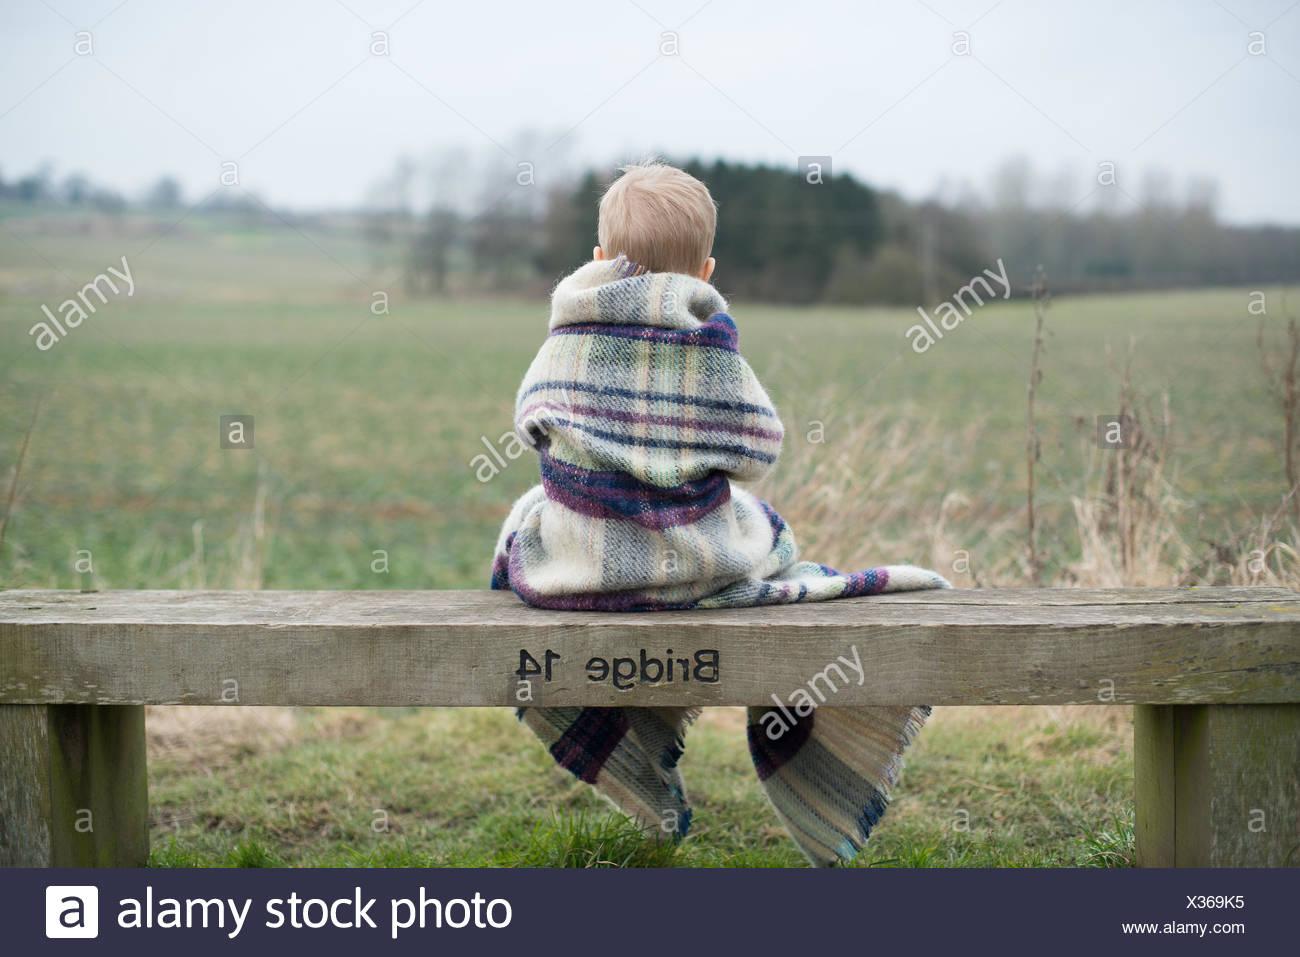 Vista trasera de un muchacho sentado en un banco, envuelto en una cobija caliente Imagen De Stock